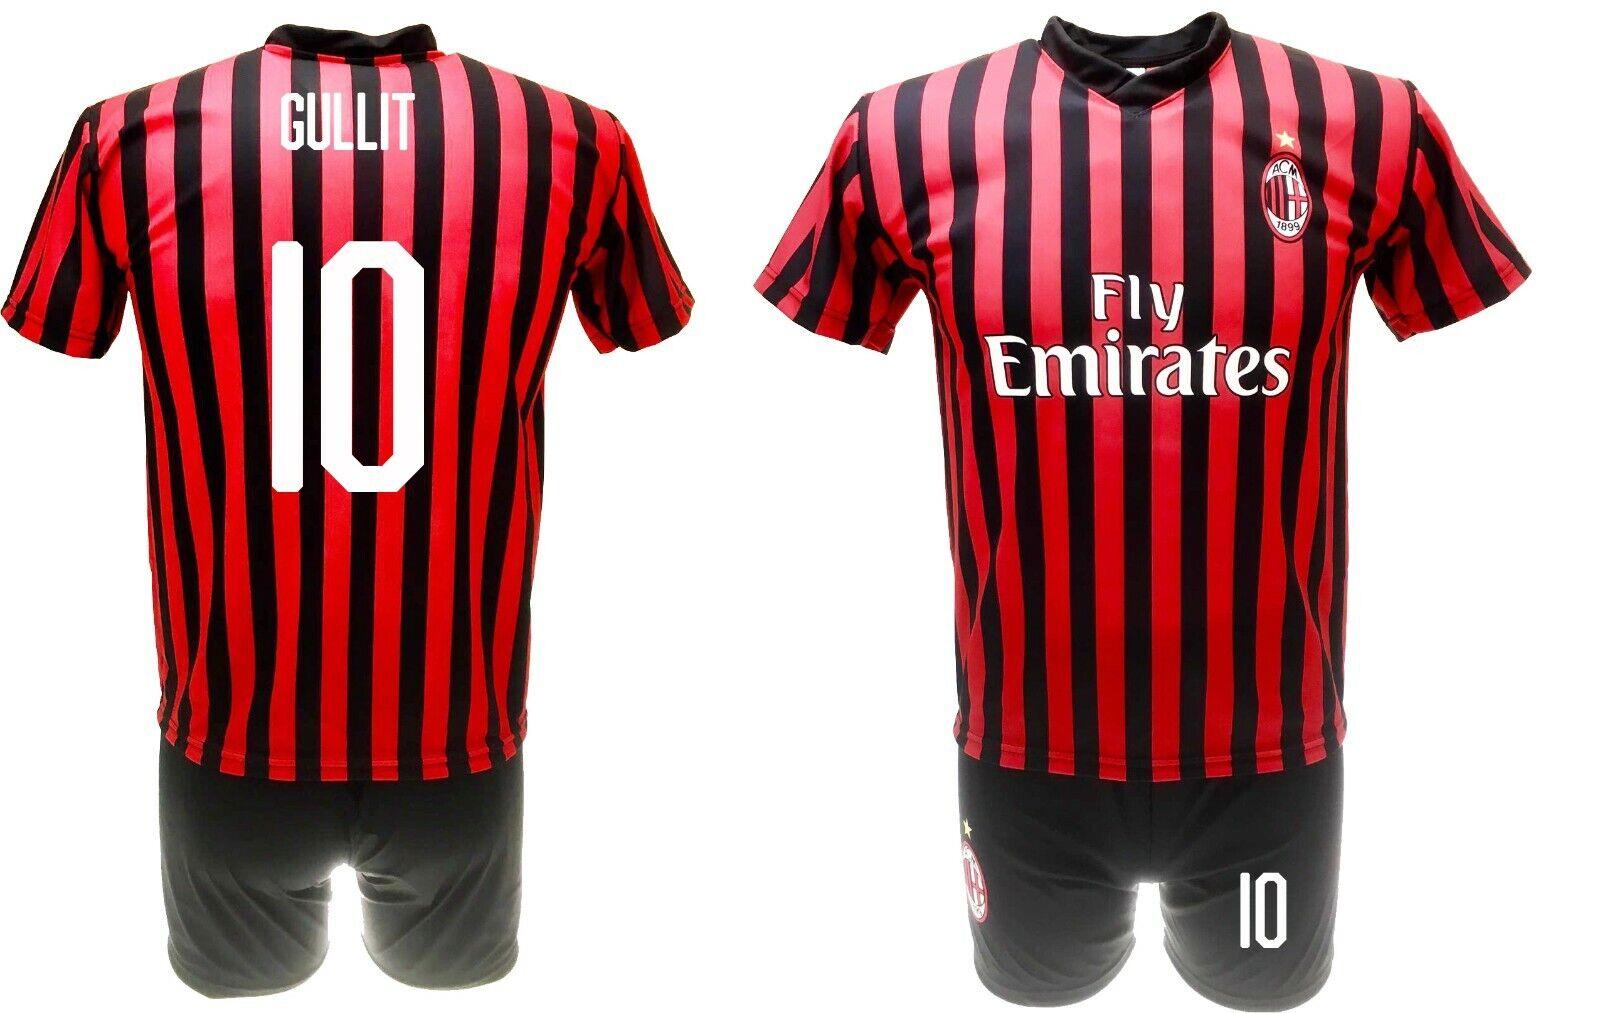 Completo Gullit Milan 2020 Ufficiale Divisa 2019   maglia pantaloncini Ruud 10  nuevo estilo